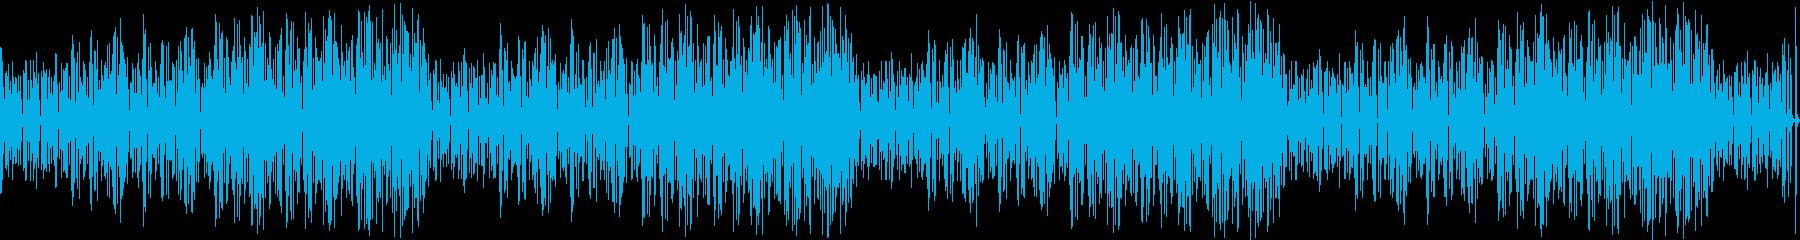 マリンバのコミカルでかわいいBGMの再生済みの波形